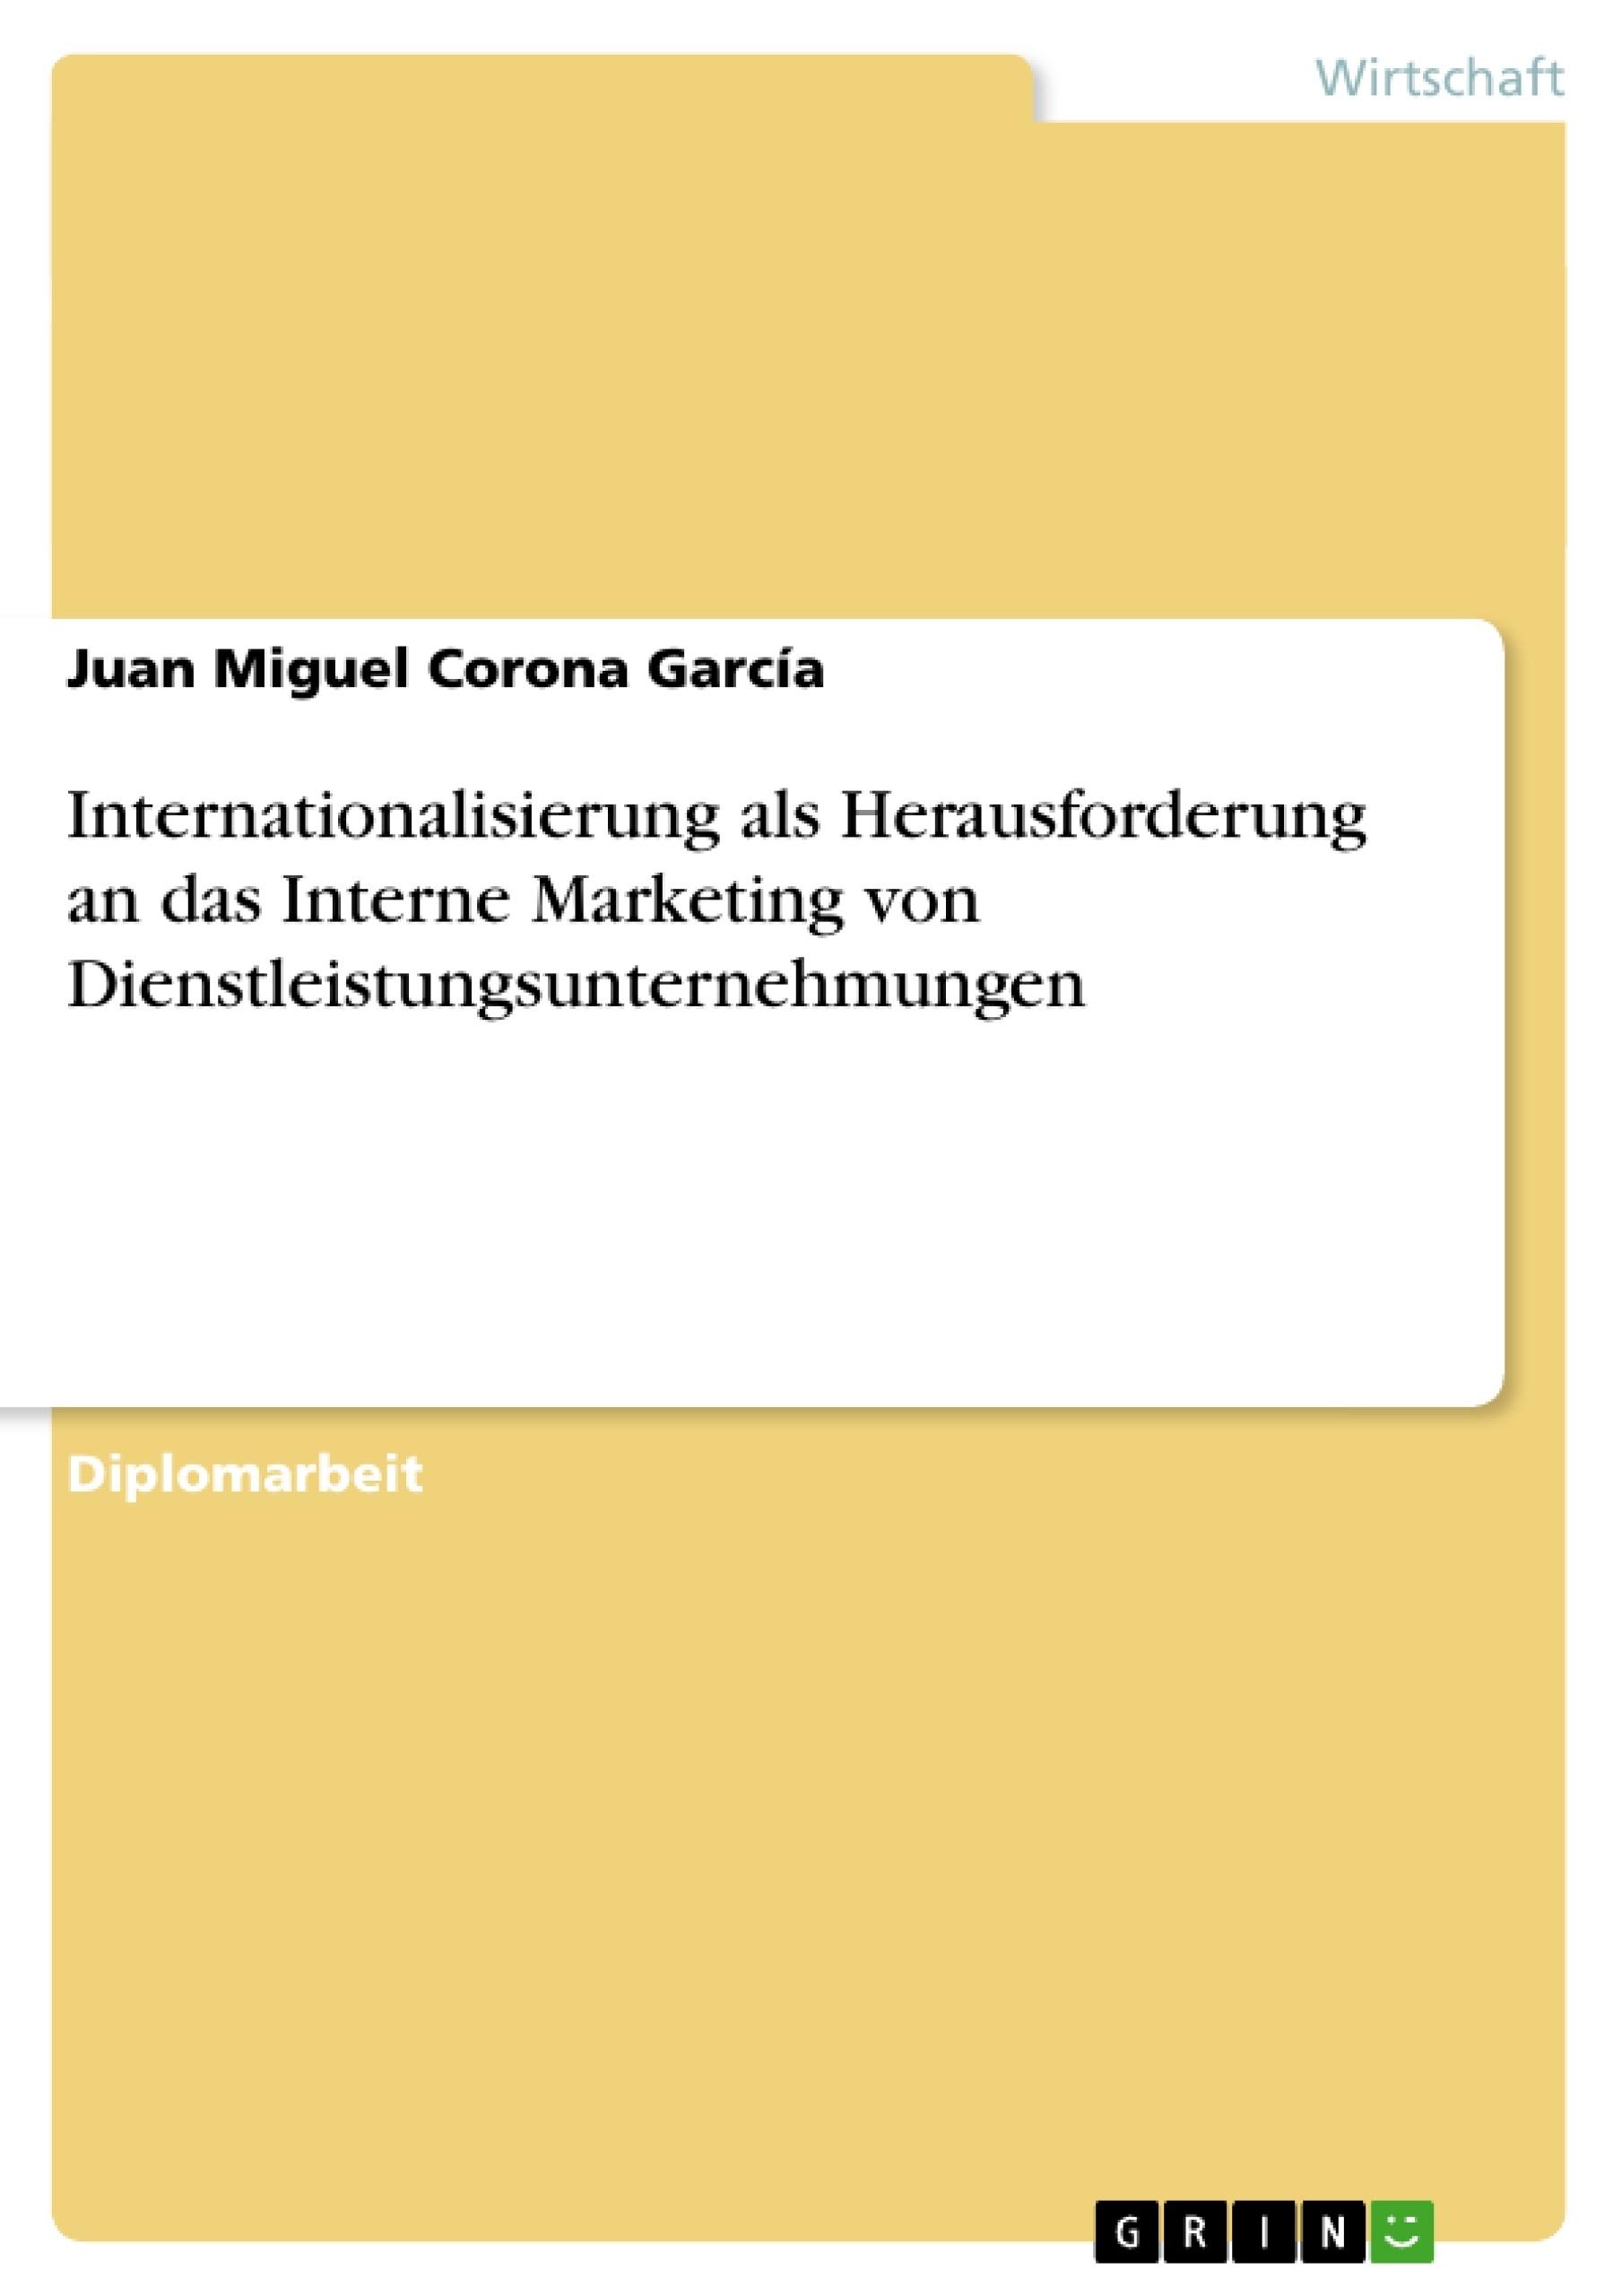 Titel: Internationalisierung als Herausforderung an das Interne Marketing von Dienstleistungsunternehmungen